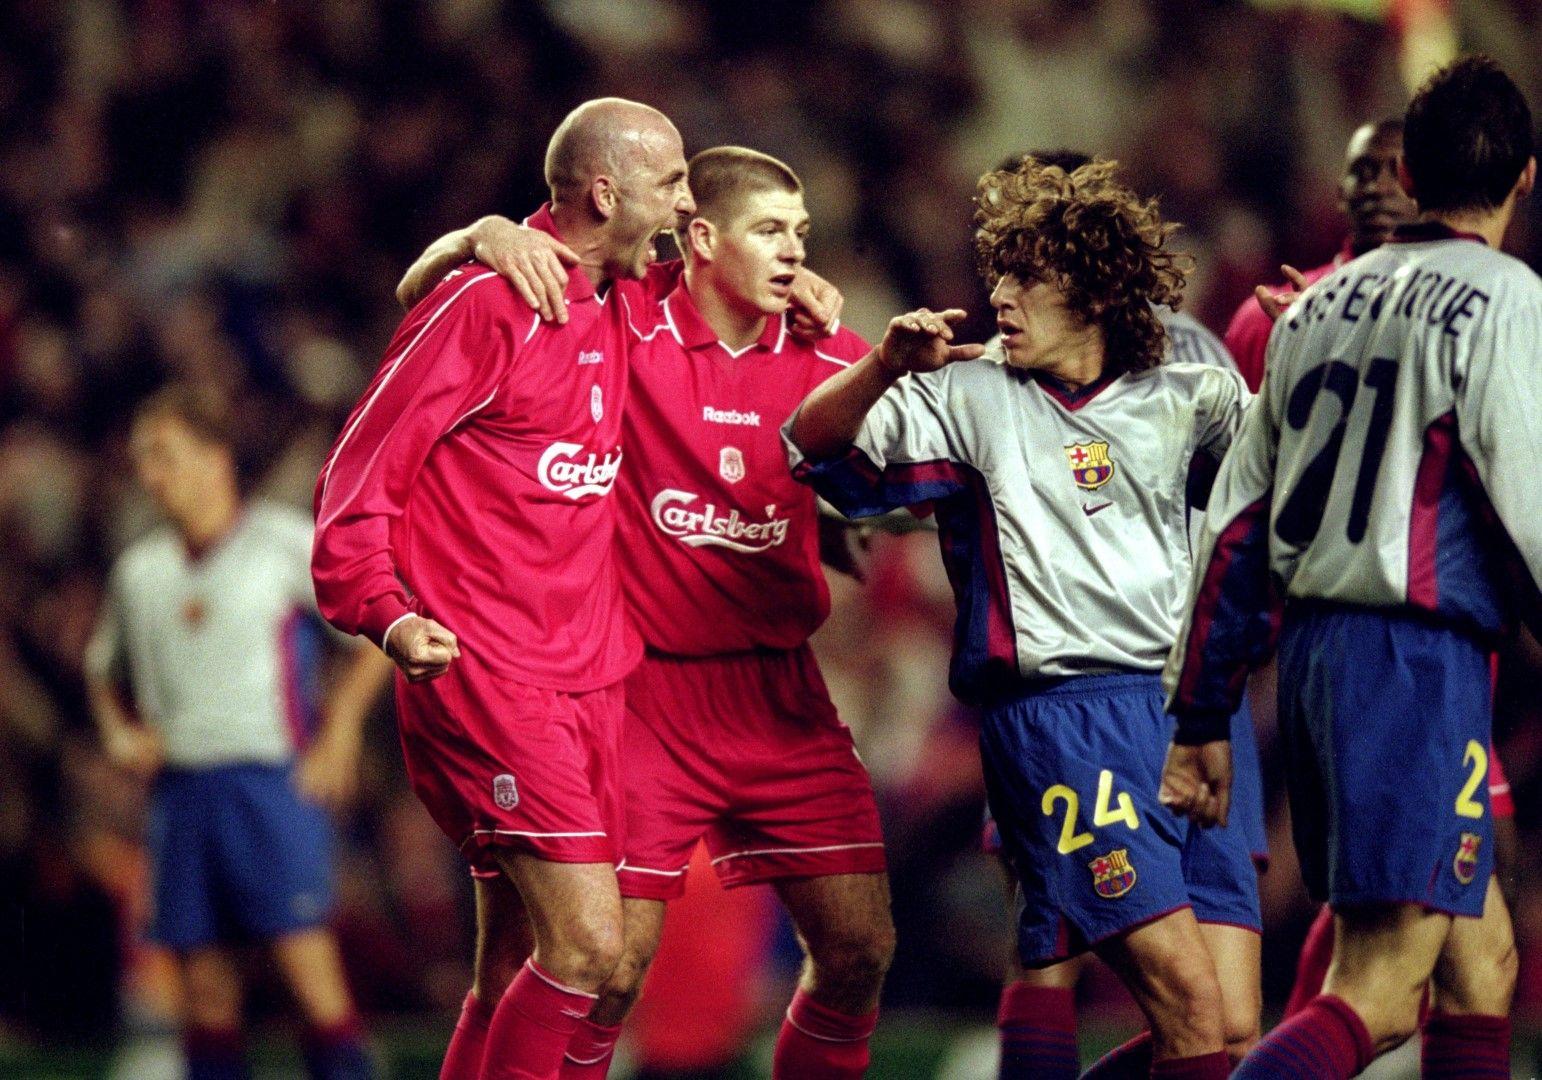 Ливърпул - Барселона 1:0, 2001 г. в реванш от полуфиналите за Купата на УЕФА. Гари Макалистър се радва, а Карлес Пуйол е готов да се сбие с него